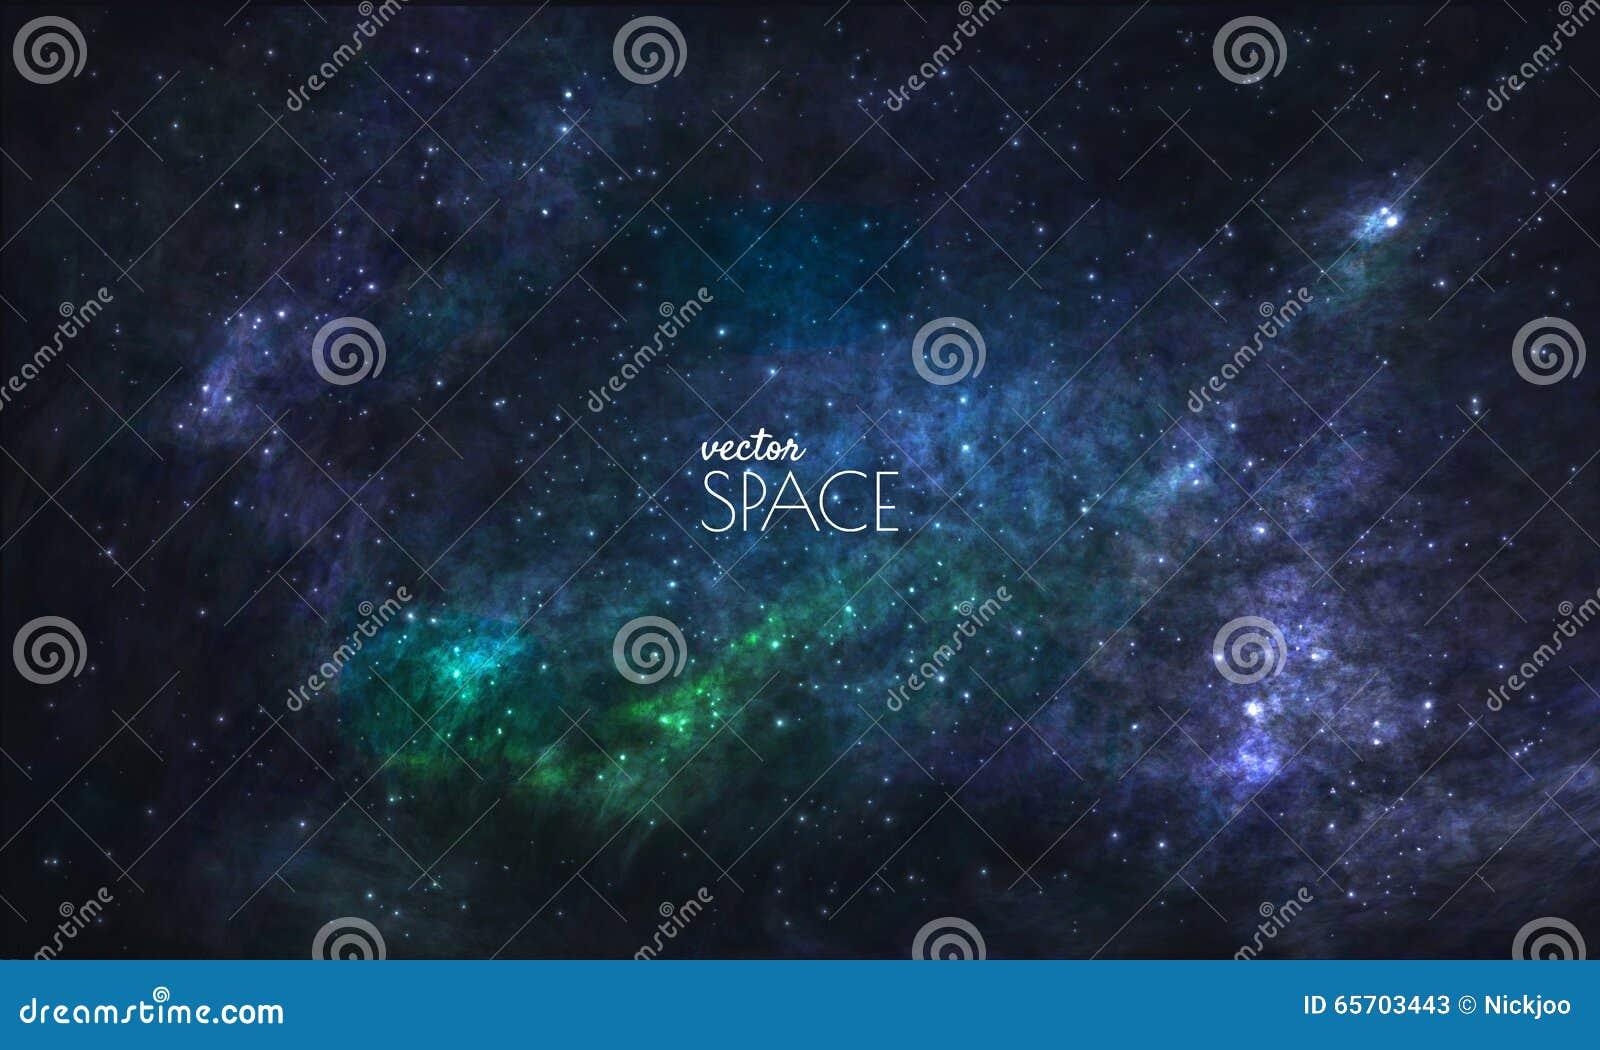 Sperren Sie Galaxie-Hintergrund mit Nebelfleck, stardust und hellen glänzenden Sternen Vektorillustration für Ihr Design, Grafike